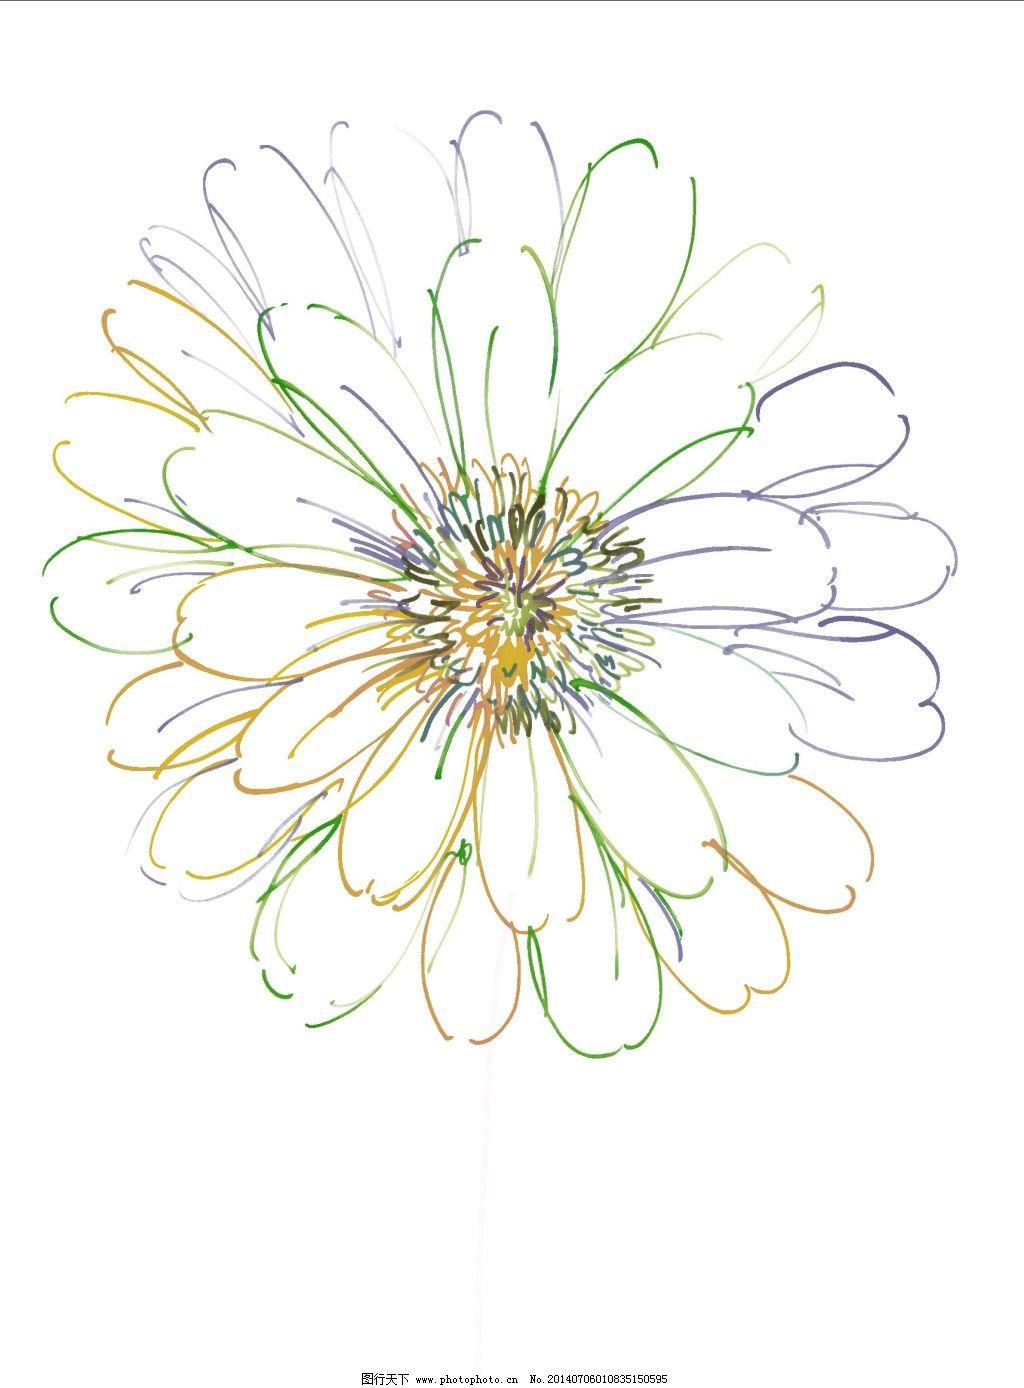 花的轮廓 花的轮廓免费下载 花卉 手绘图 花的轮廓手绘素材 装饰素材